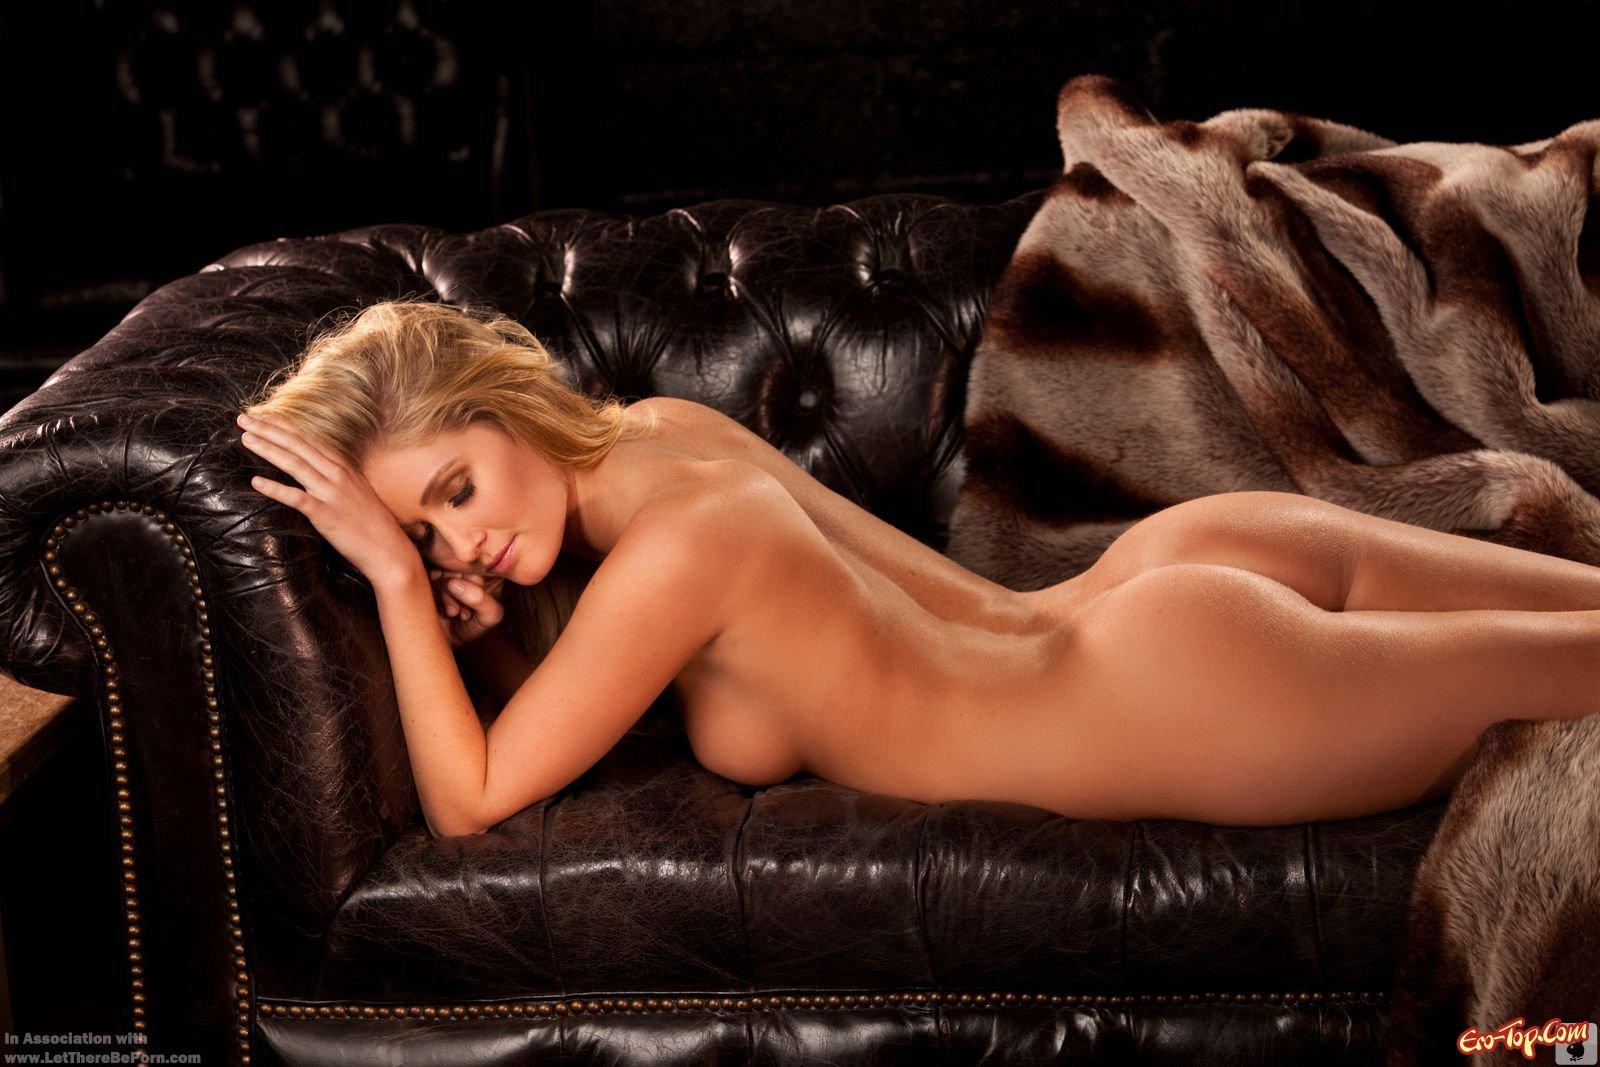 kachestvennie-eroticheskie-foto